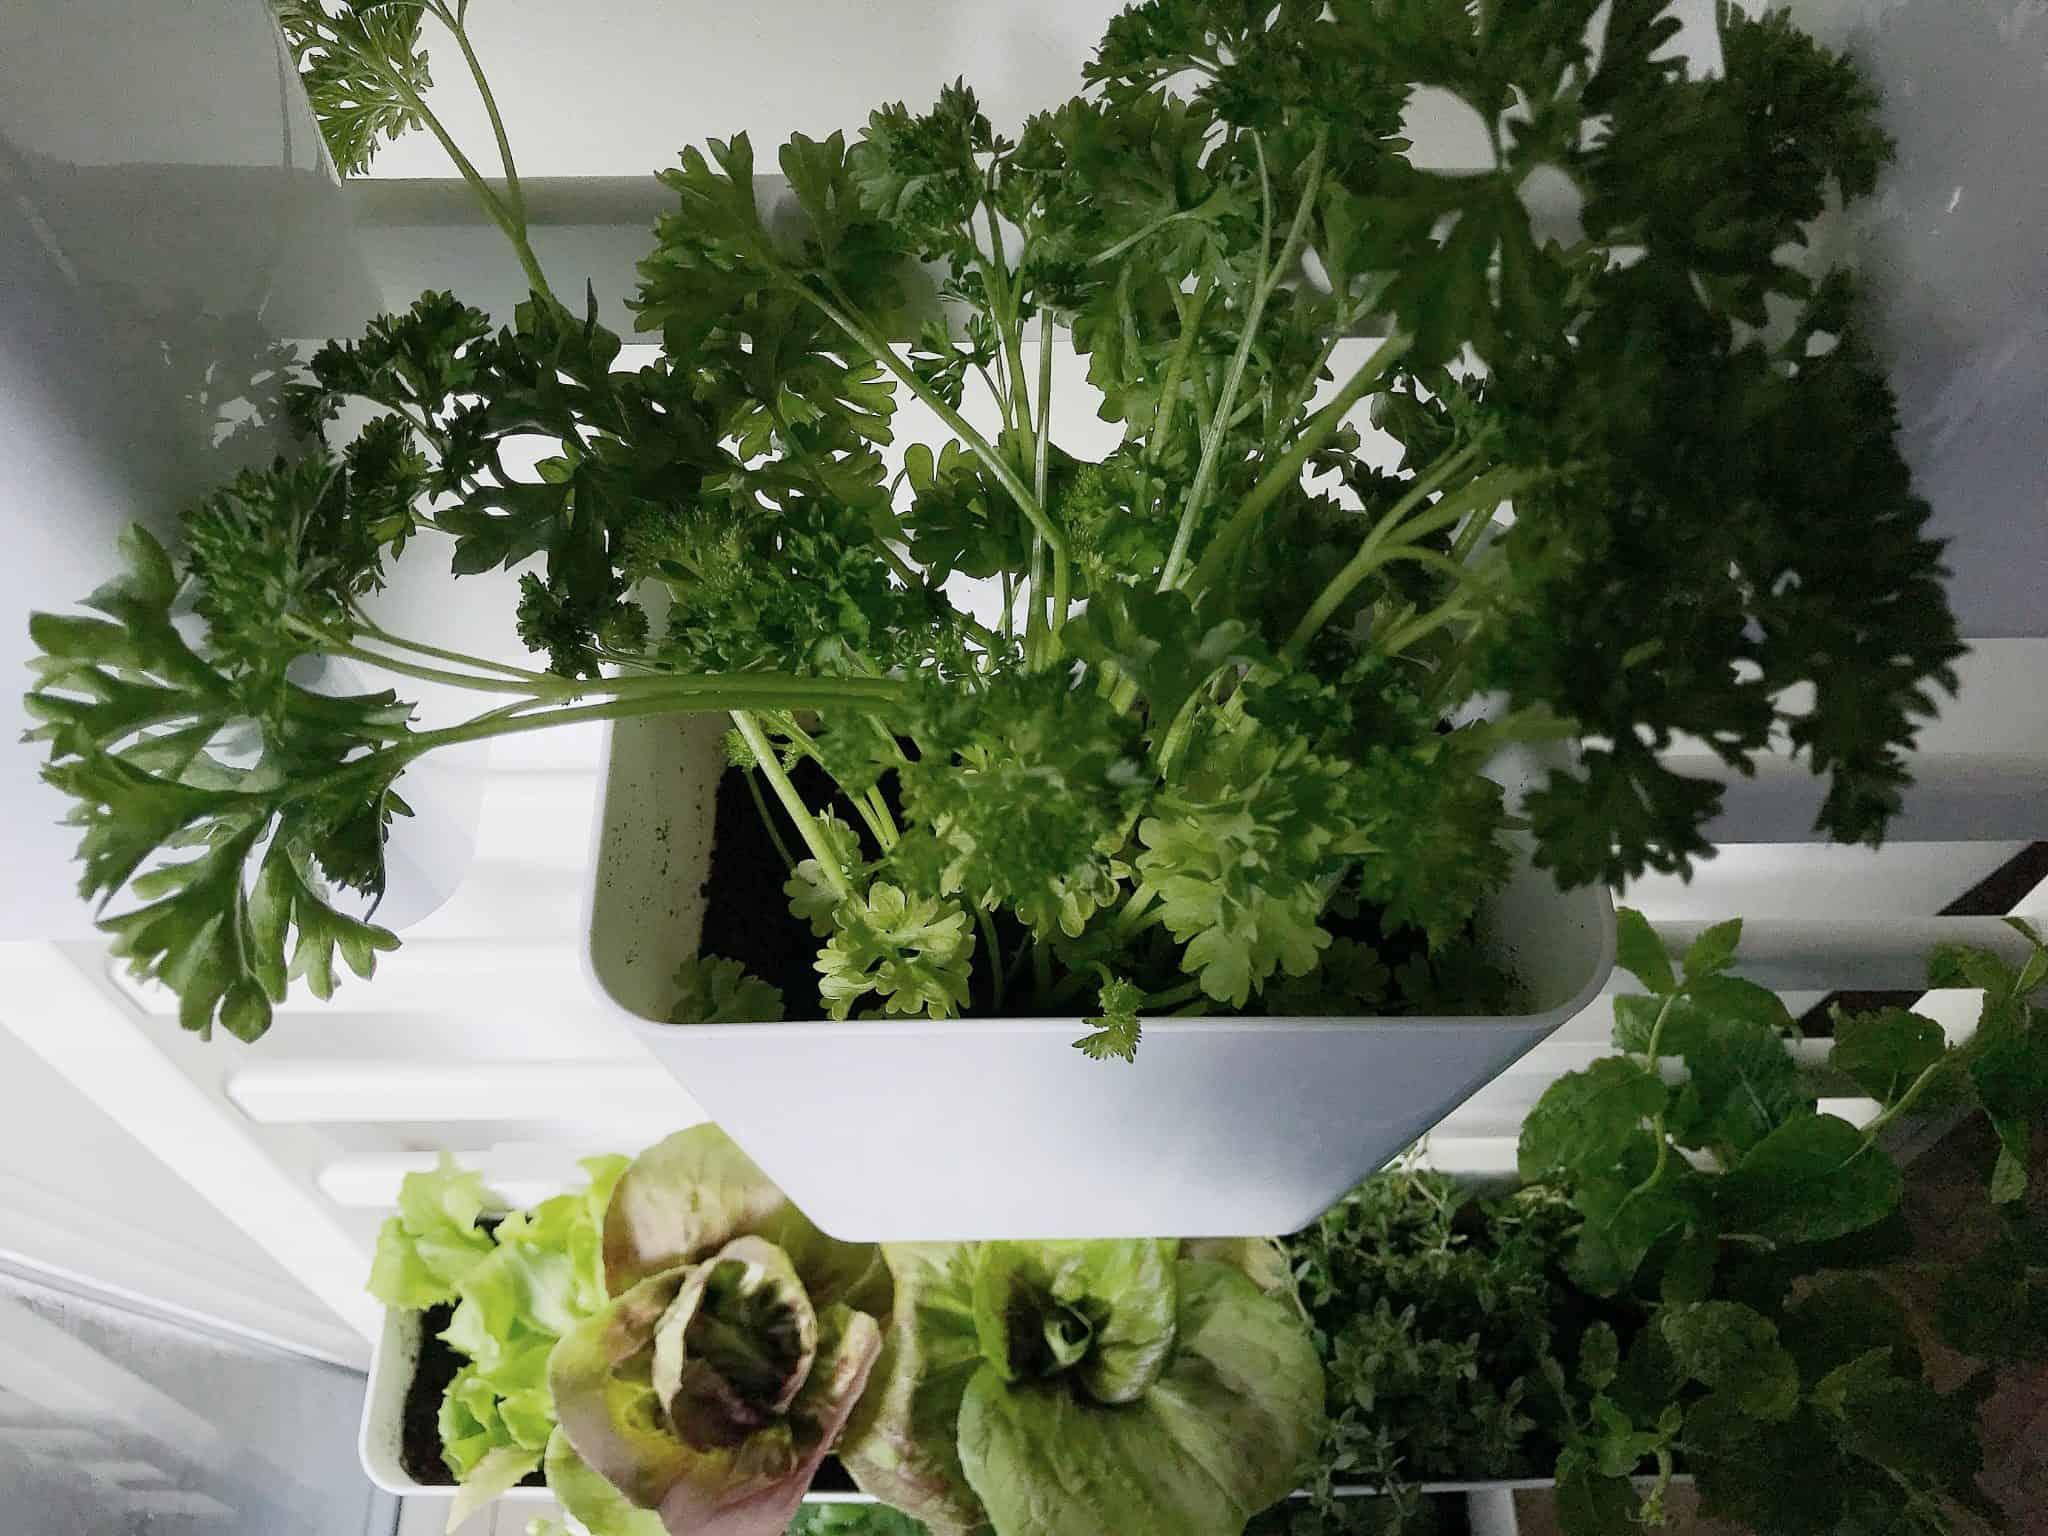 Parsley in an indoor edible garden